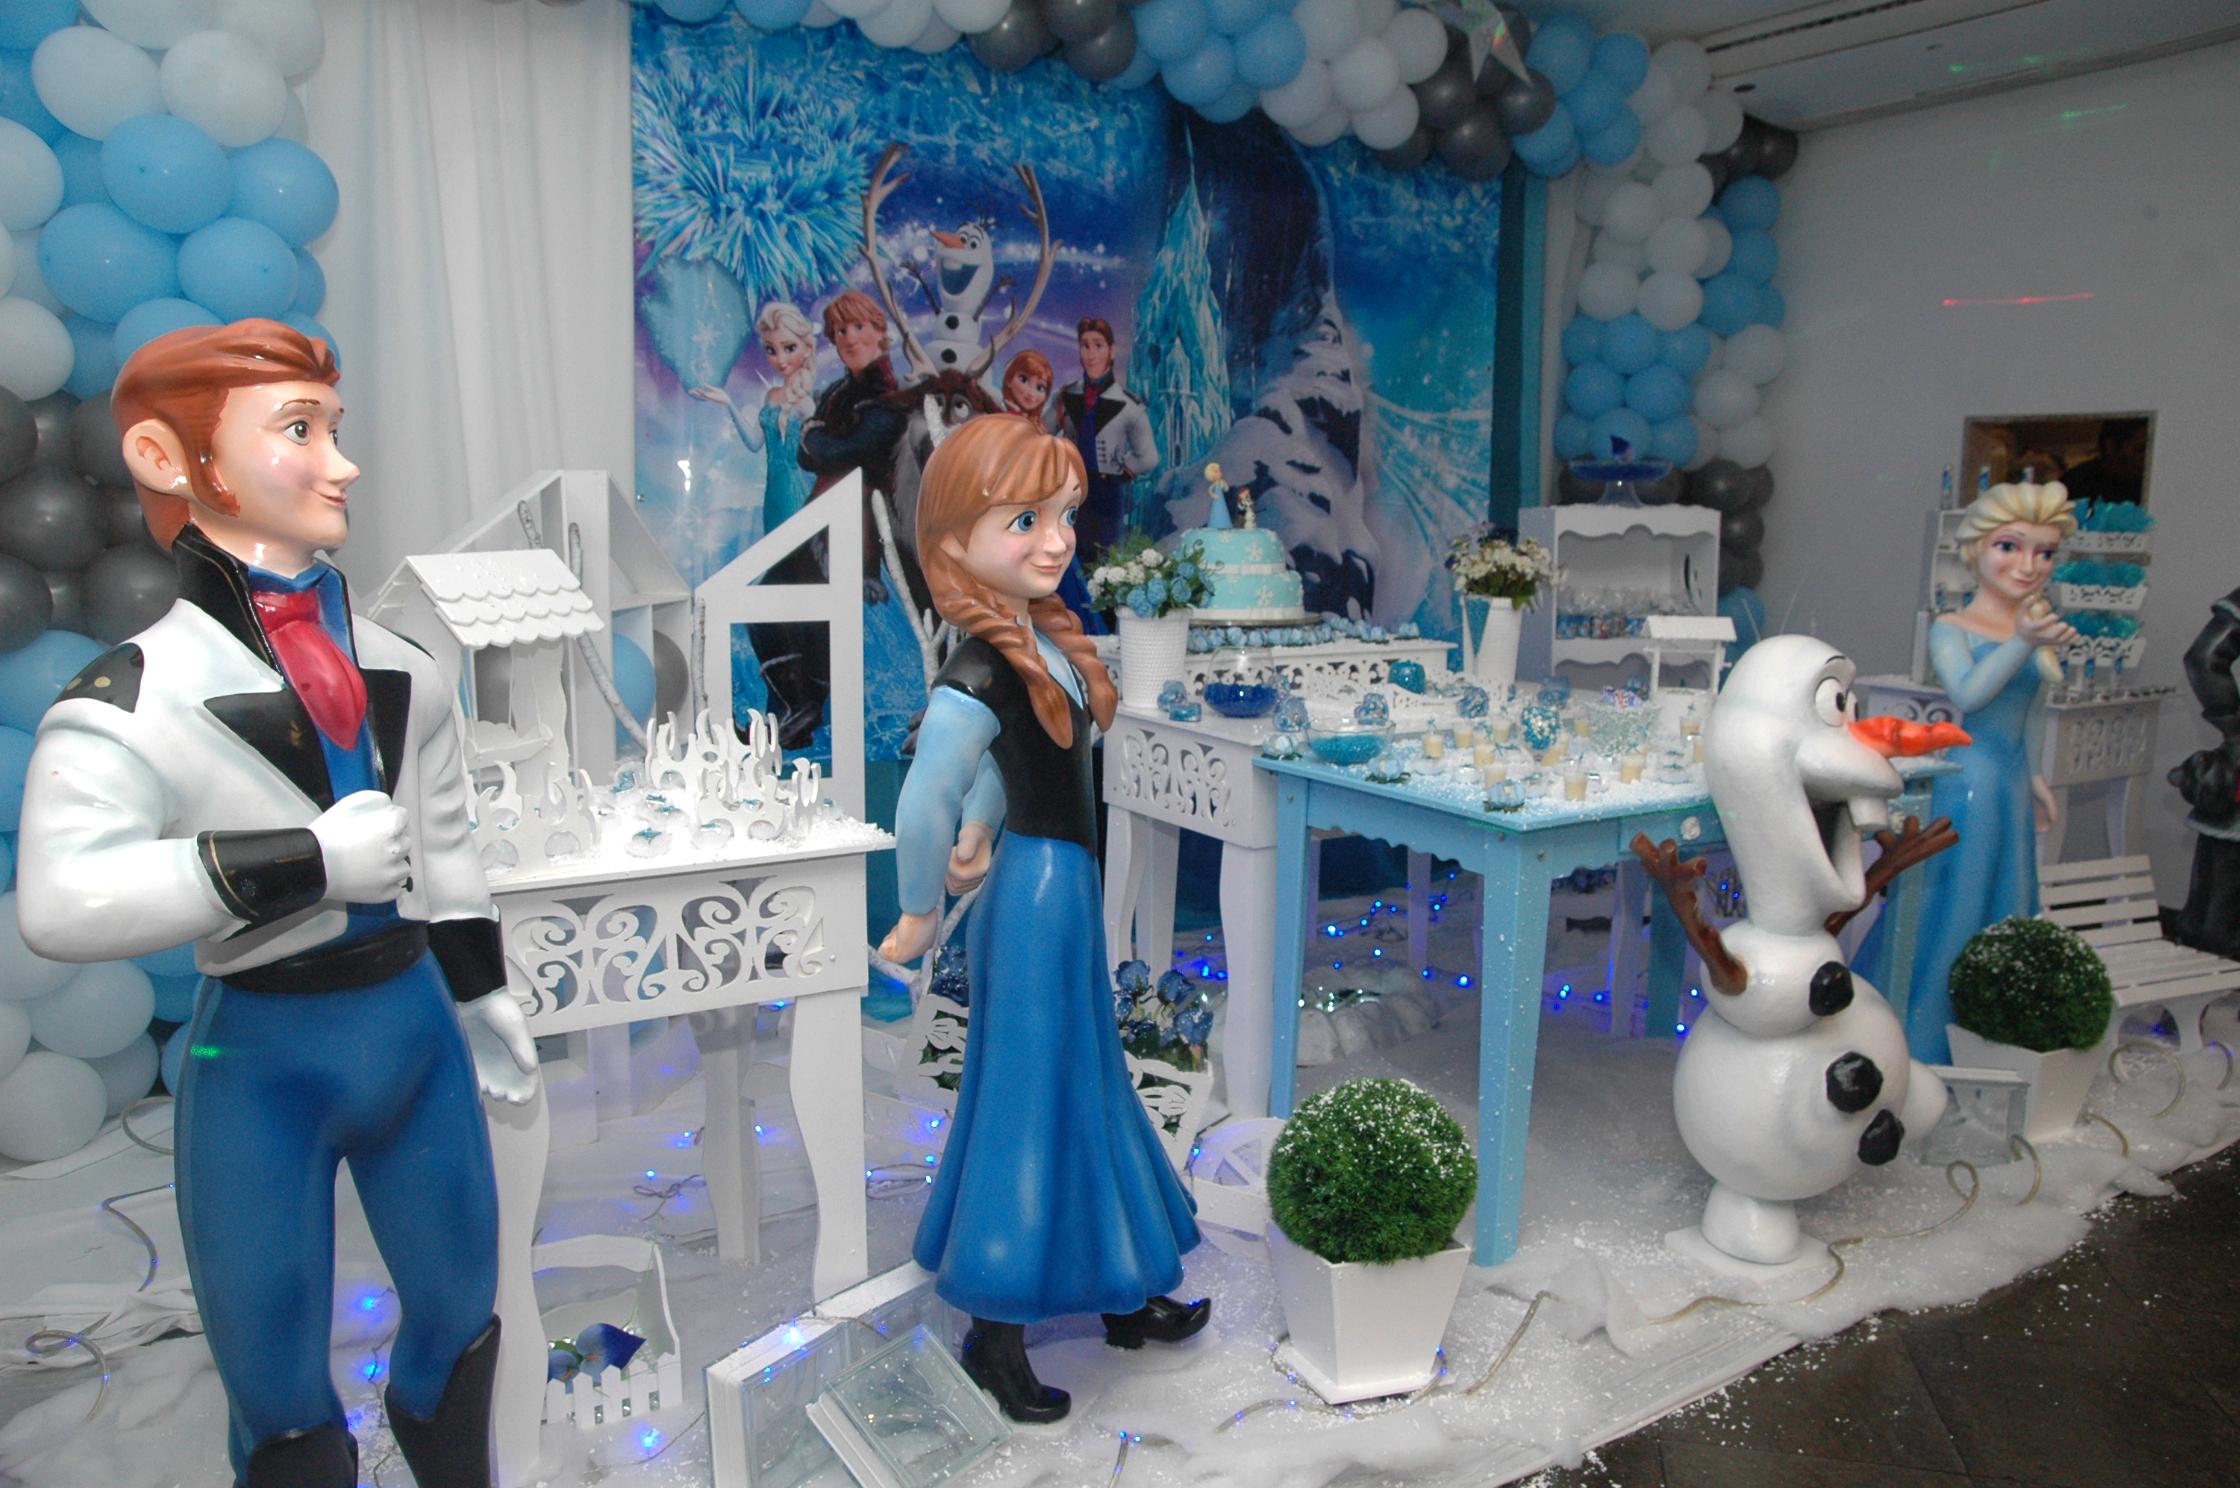 infantil frozen decoracao decoracao festa infantil frozen infantil